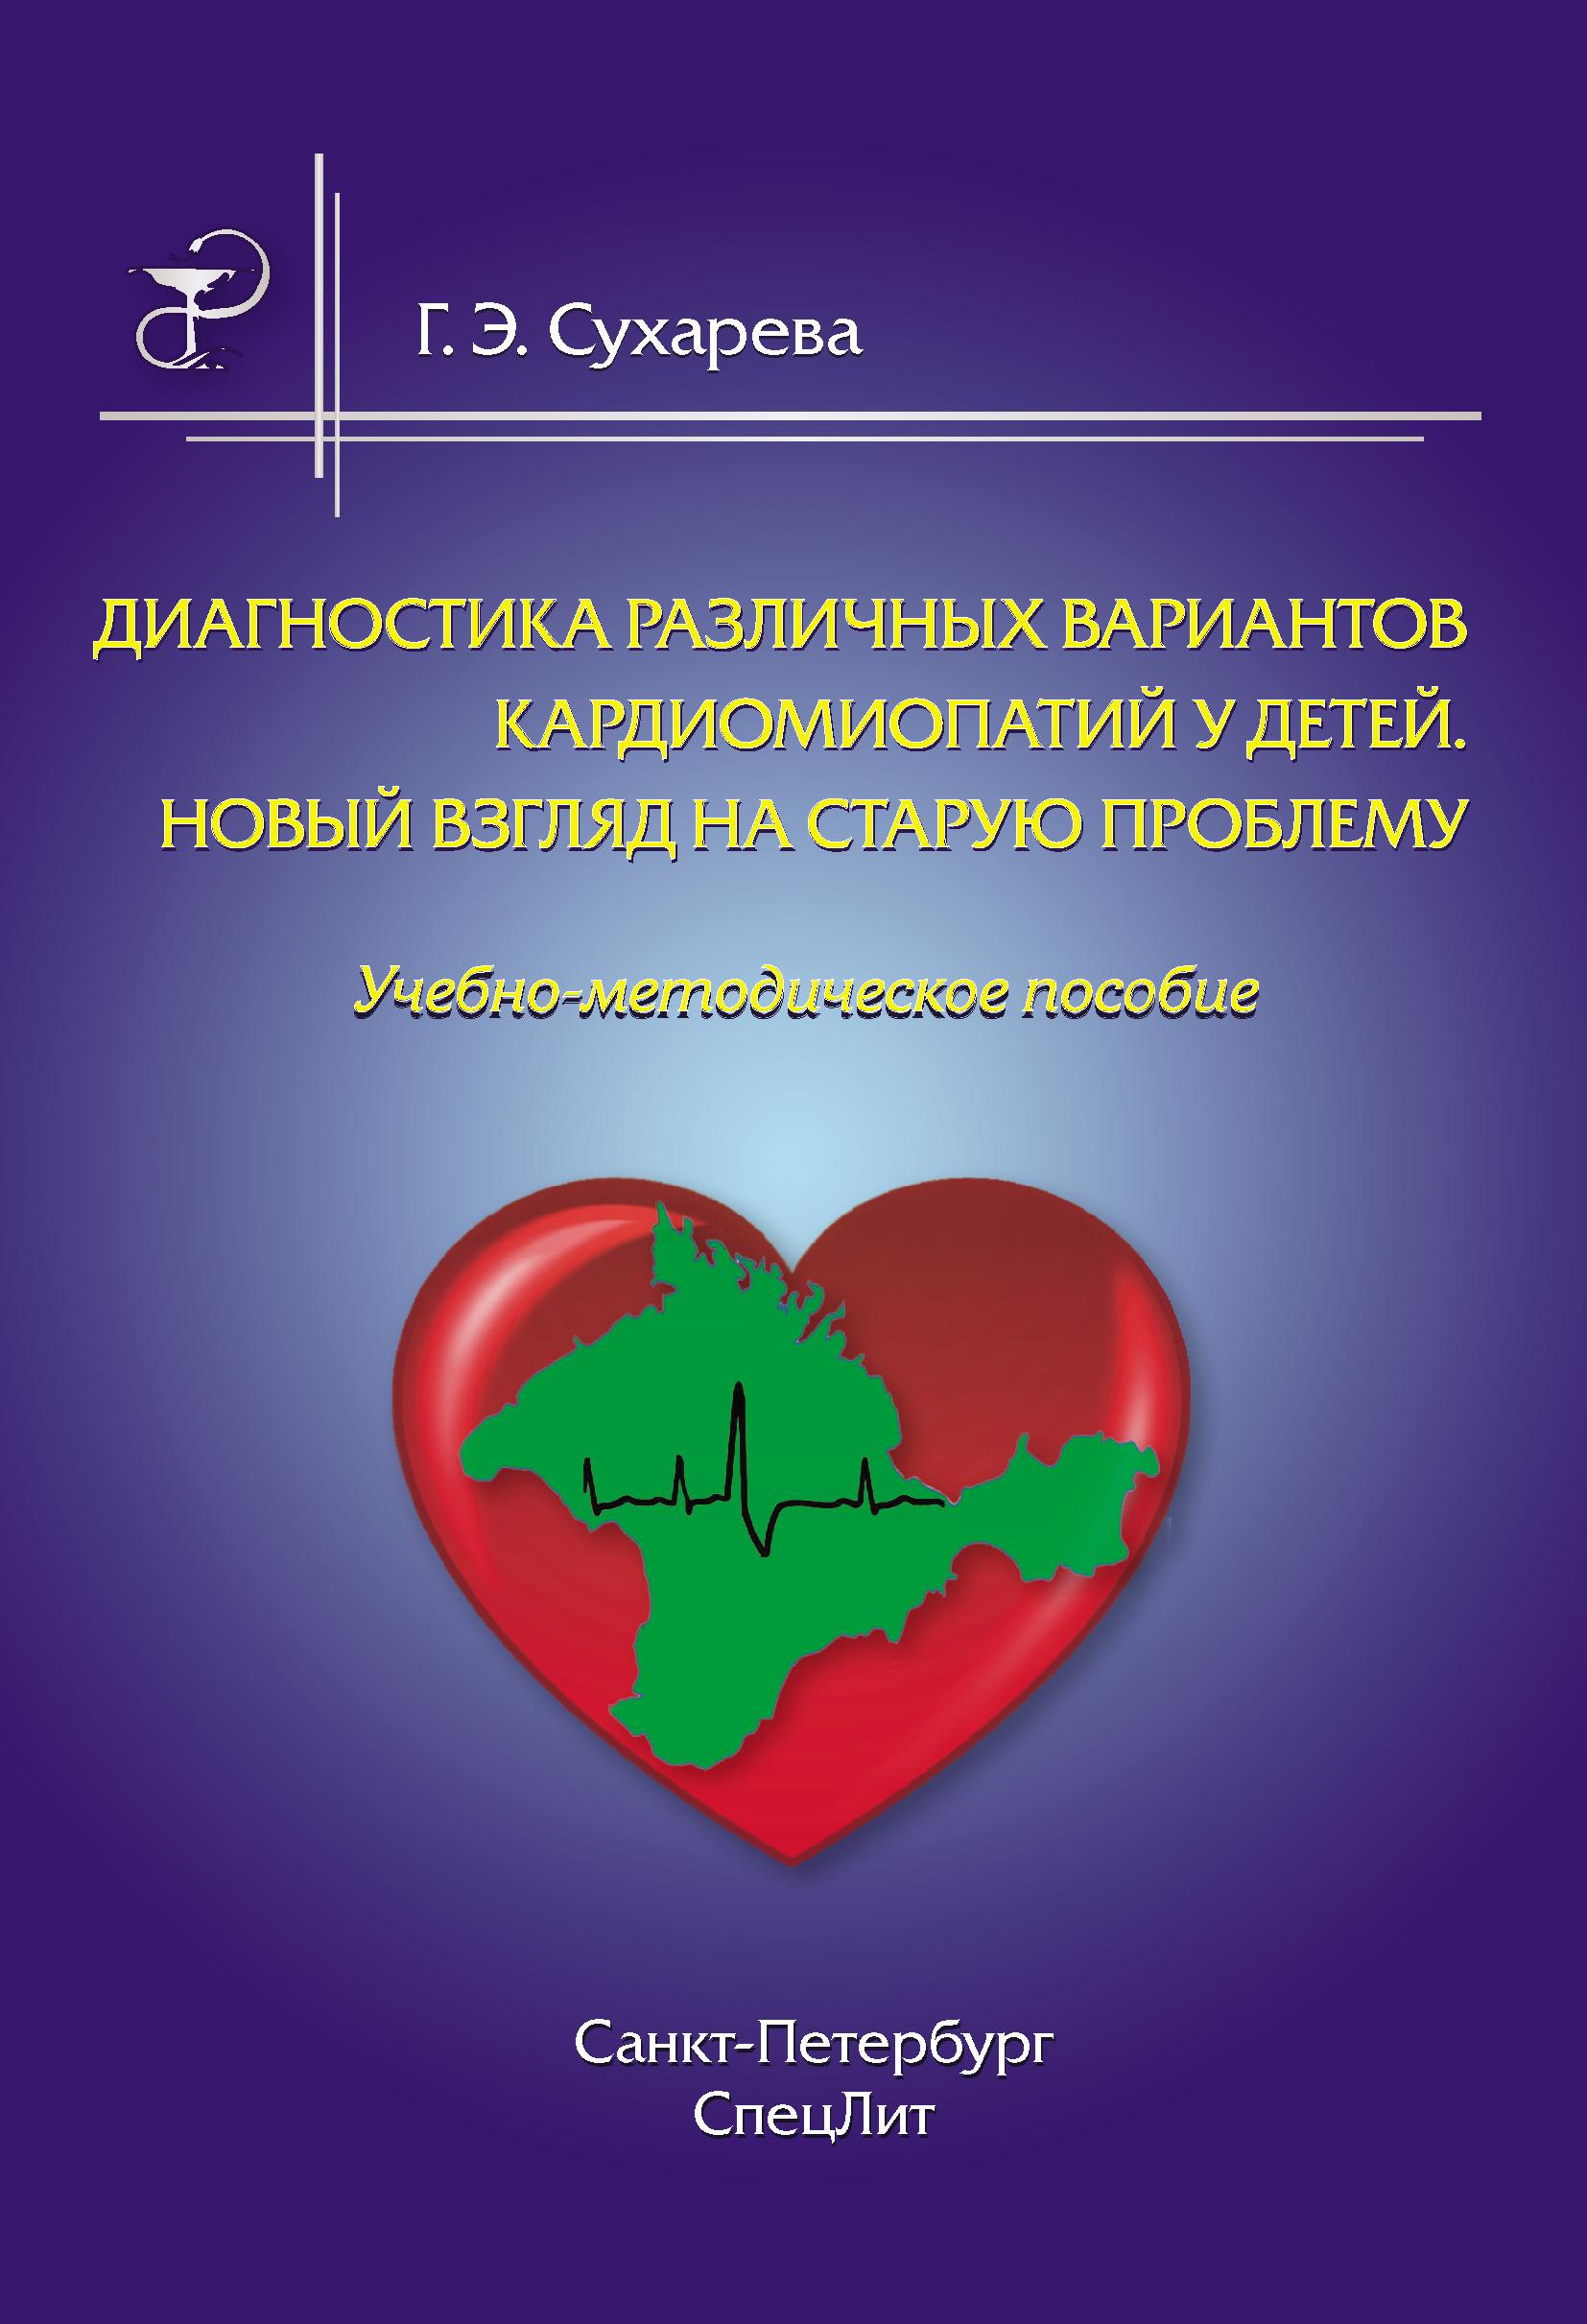 Г. Э. Сухарева Диагностика различных вариантов кардиомиопатий у детей. Новый взгляд на старую проблему г э сухарева диагностика различных вариантов кардиомиопатий у детей новый взгляд на старую проблему учебно методическое пособие